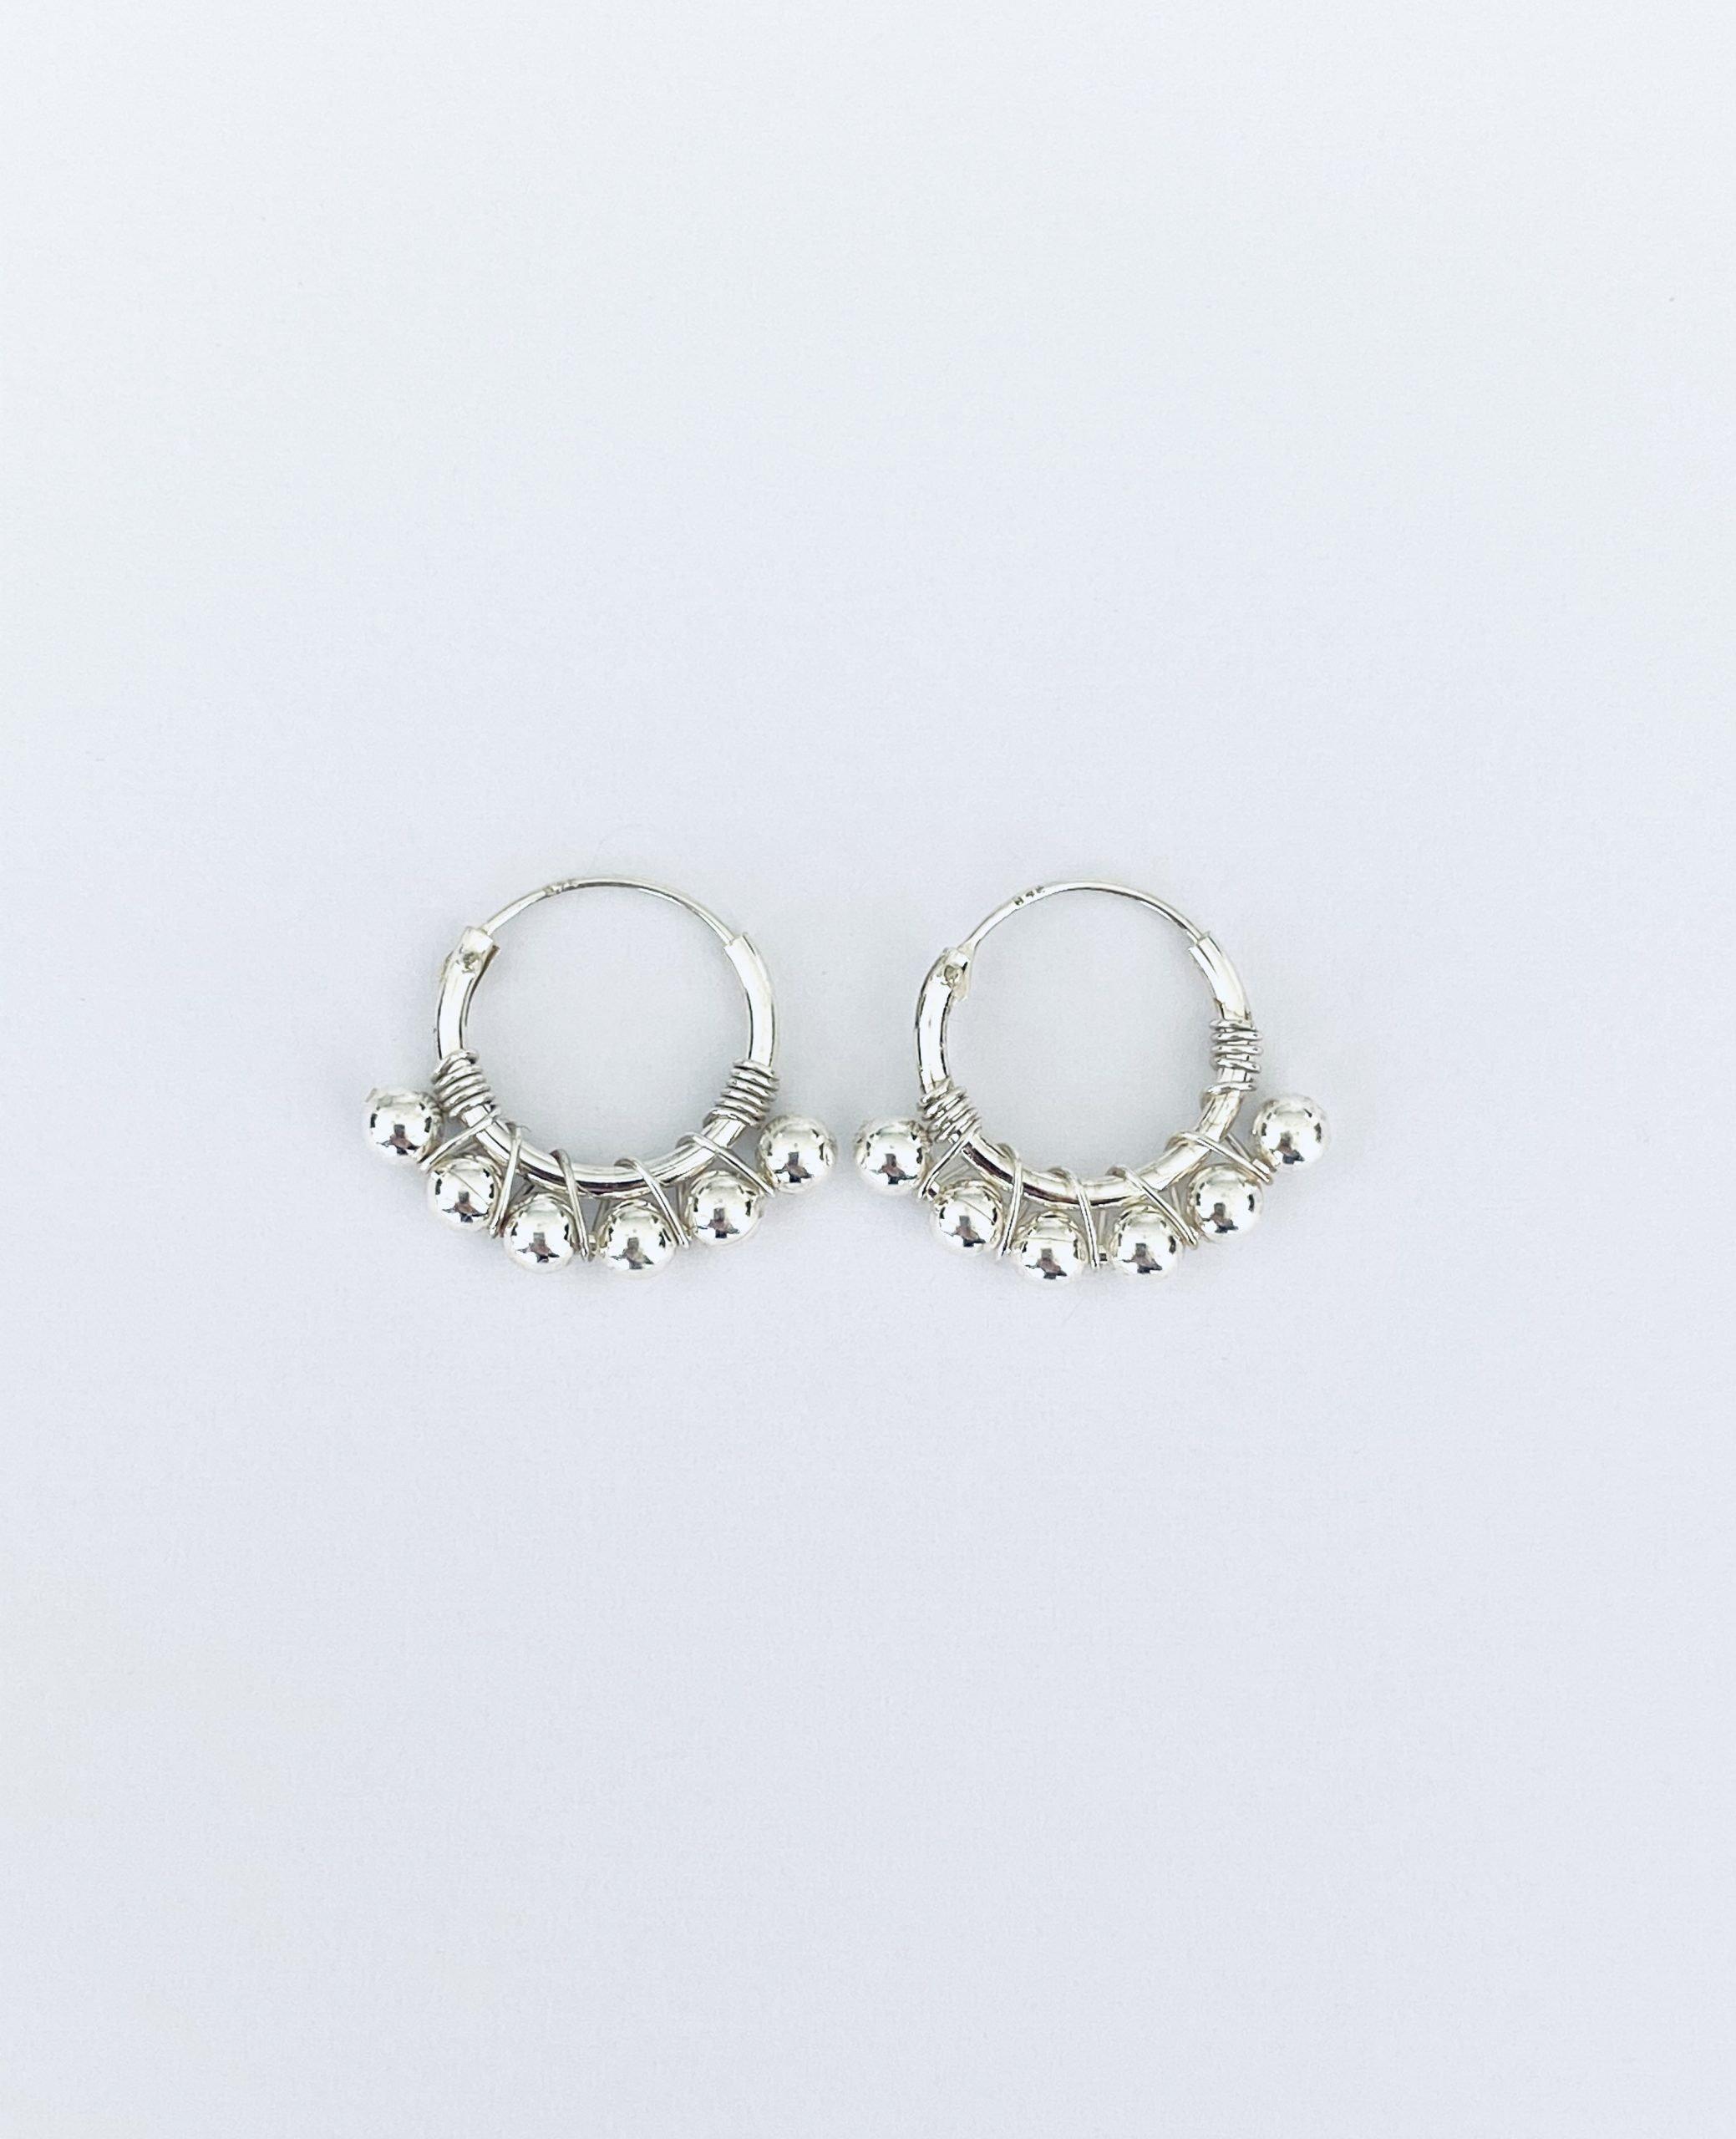 Zilveren oorringetjes. 10 mm.